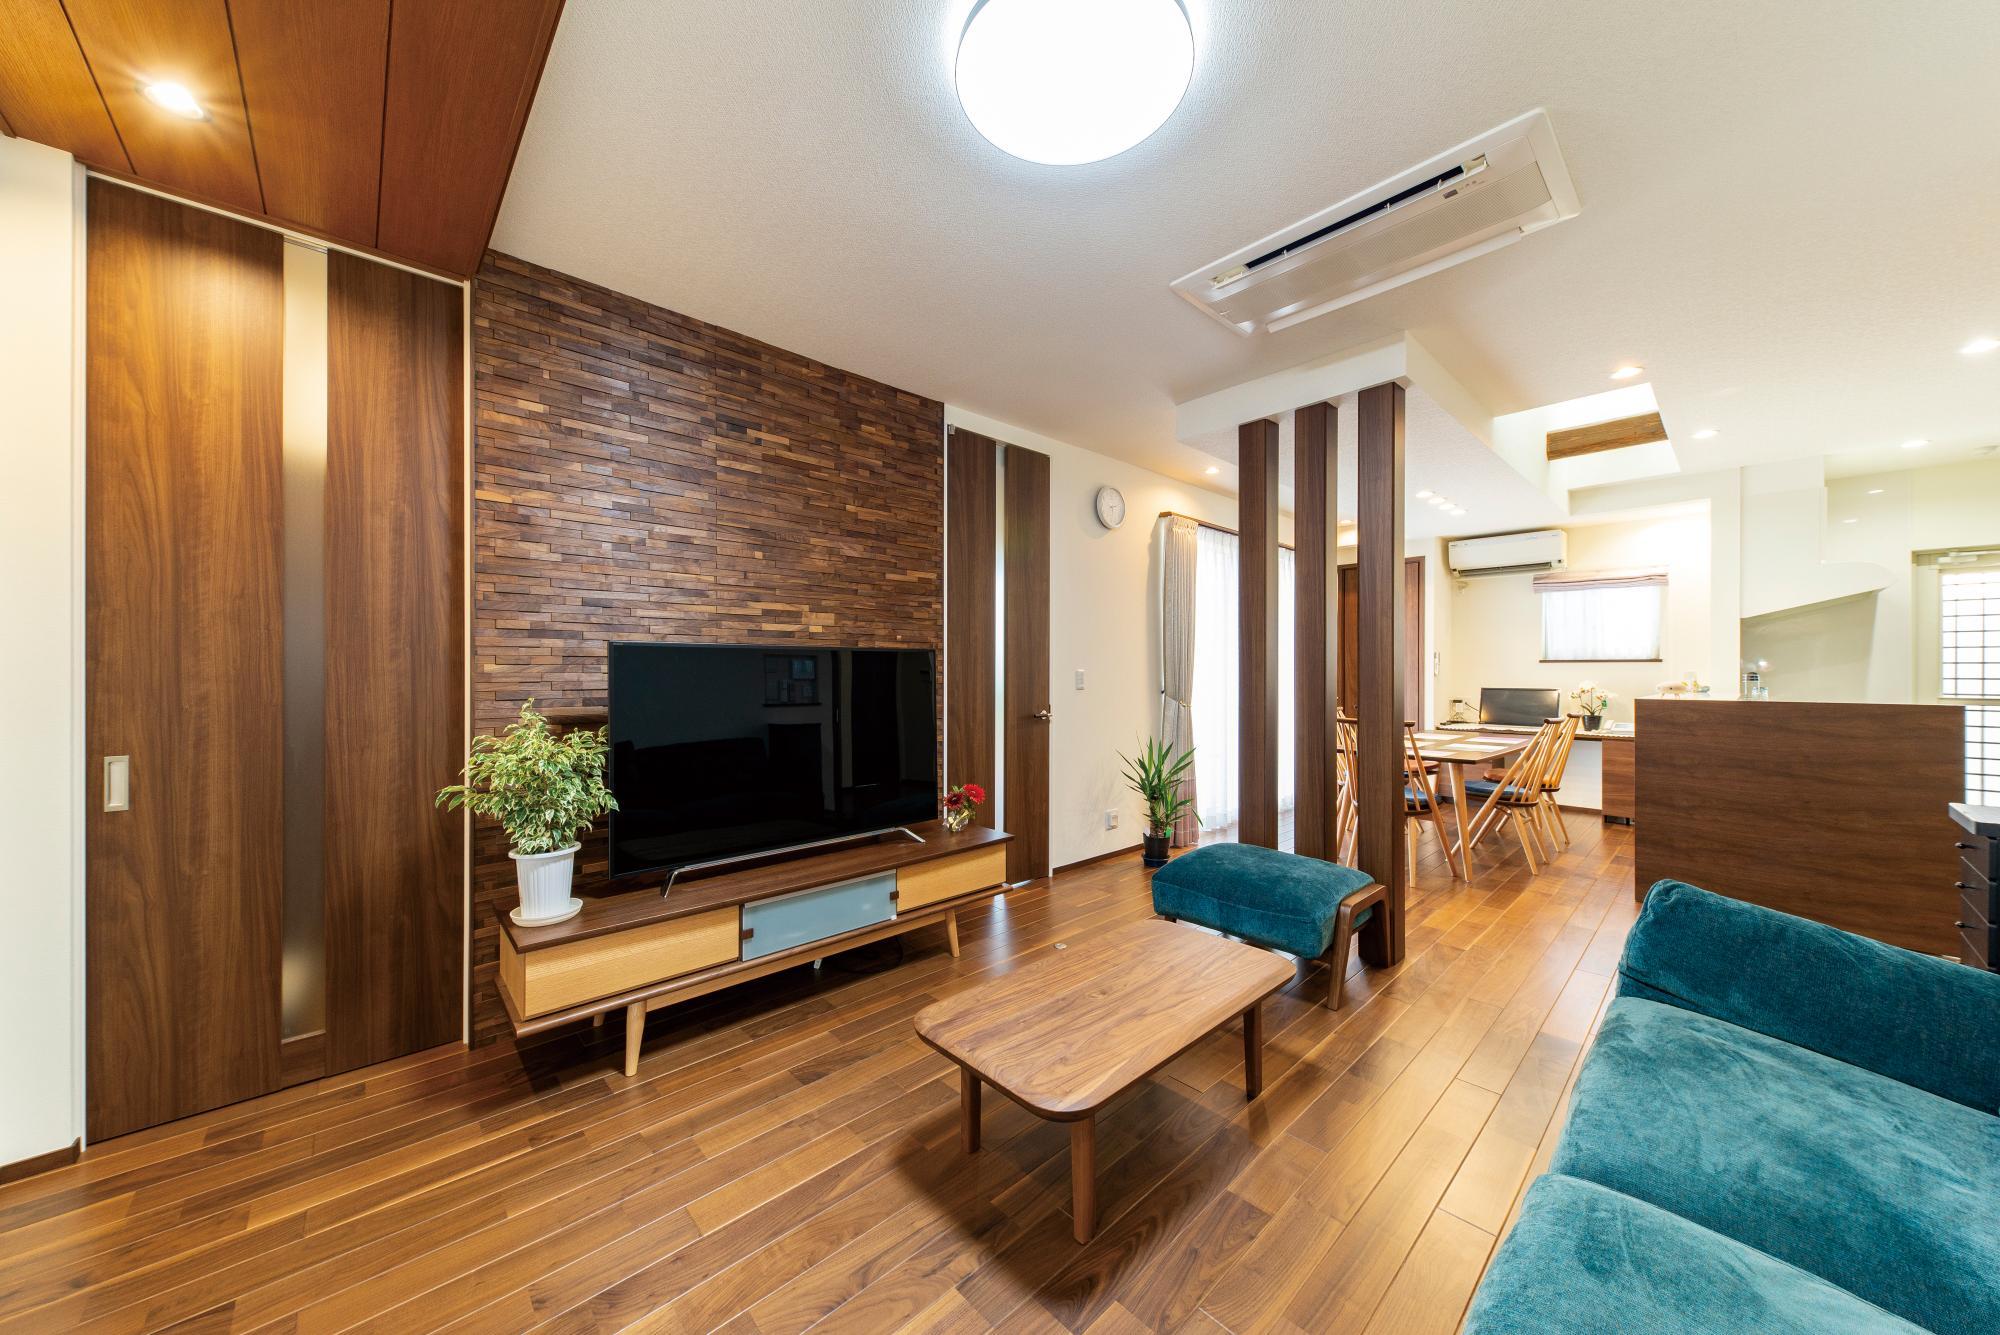 ダイニングは北側の庭を眺められるよう配置。もともと玄関ホールや階段、廊下のあった場所にリビングをつくり、ダイニングと一体化して開放感ある空間に。「明るい空間が欲しい」との要望に応え、ダイニングにトップライトを設けた。床暖房にも対応するウォルナット挽き板を採用